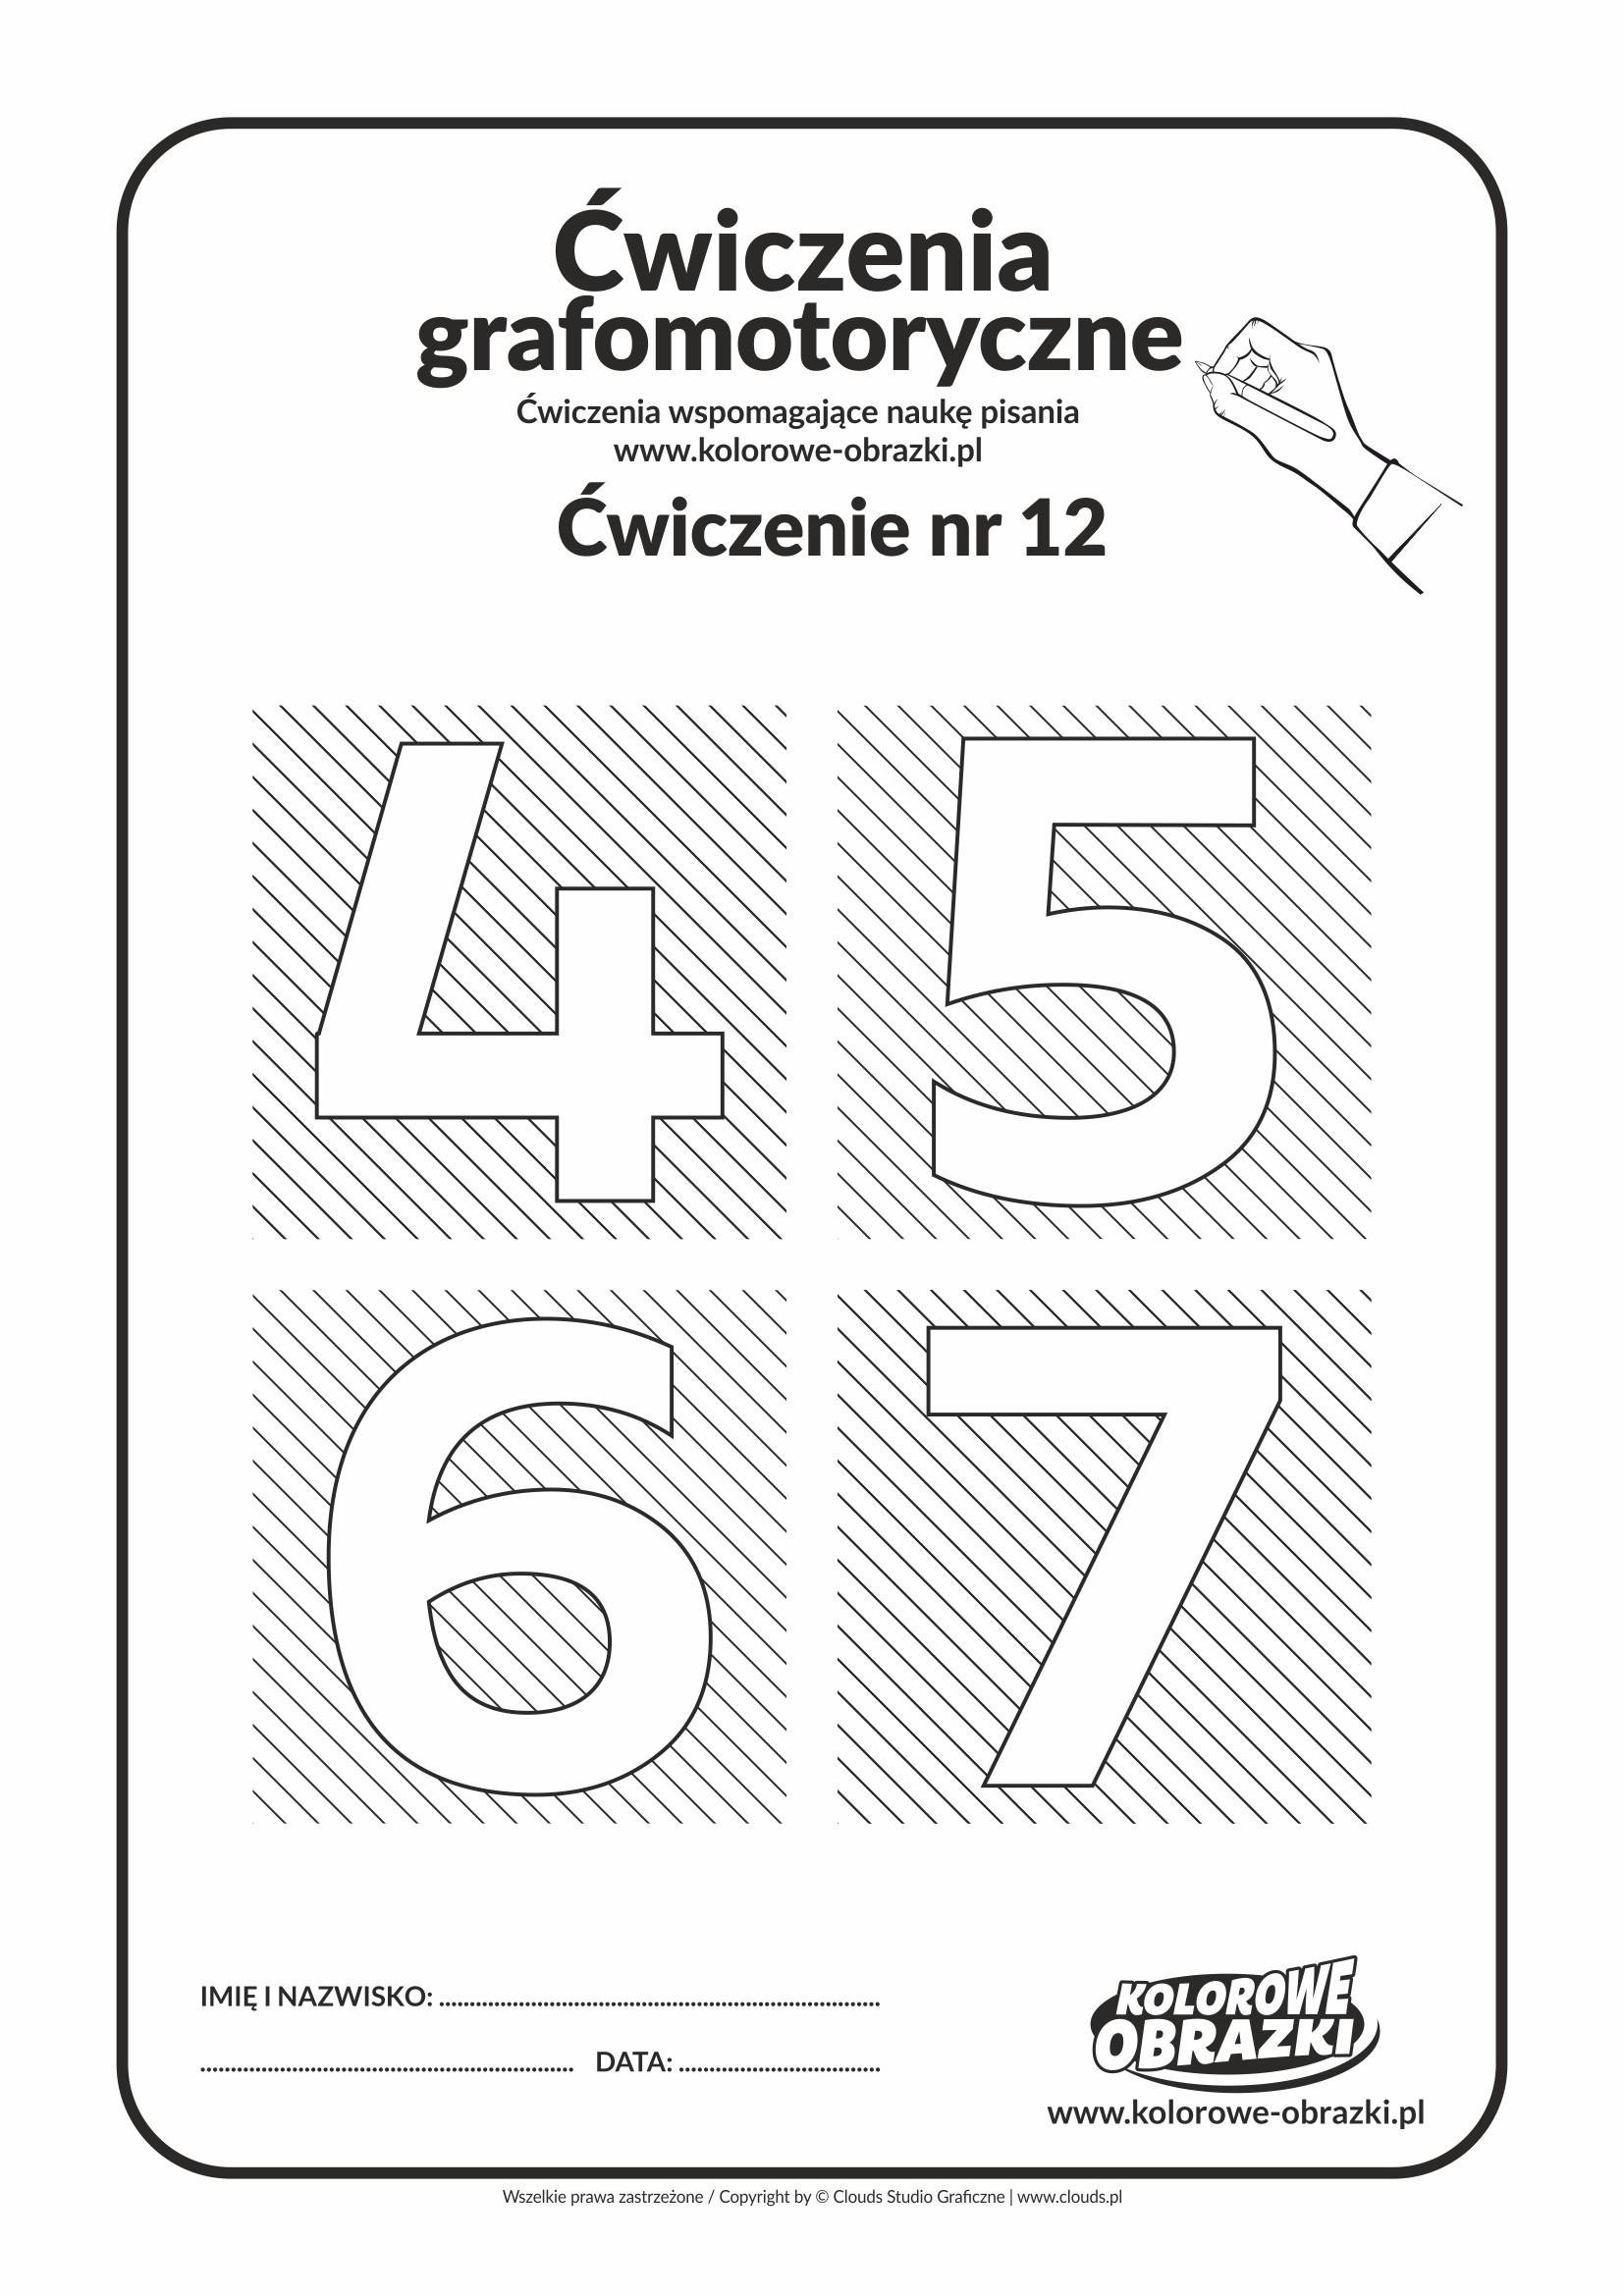 Ćwiczenia grafomotoryczne - cyfry 4, 5, 6, 7